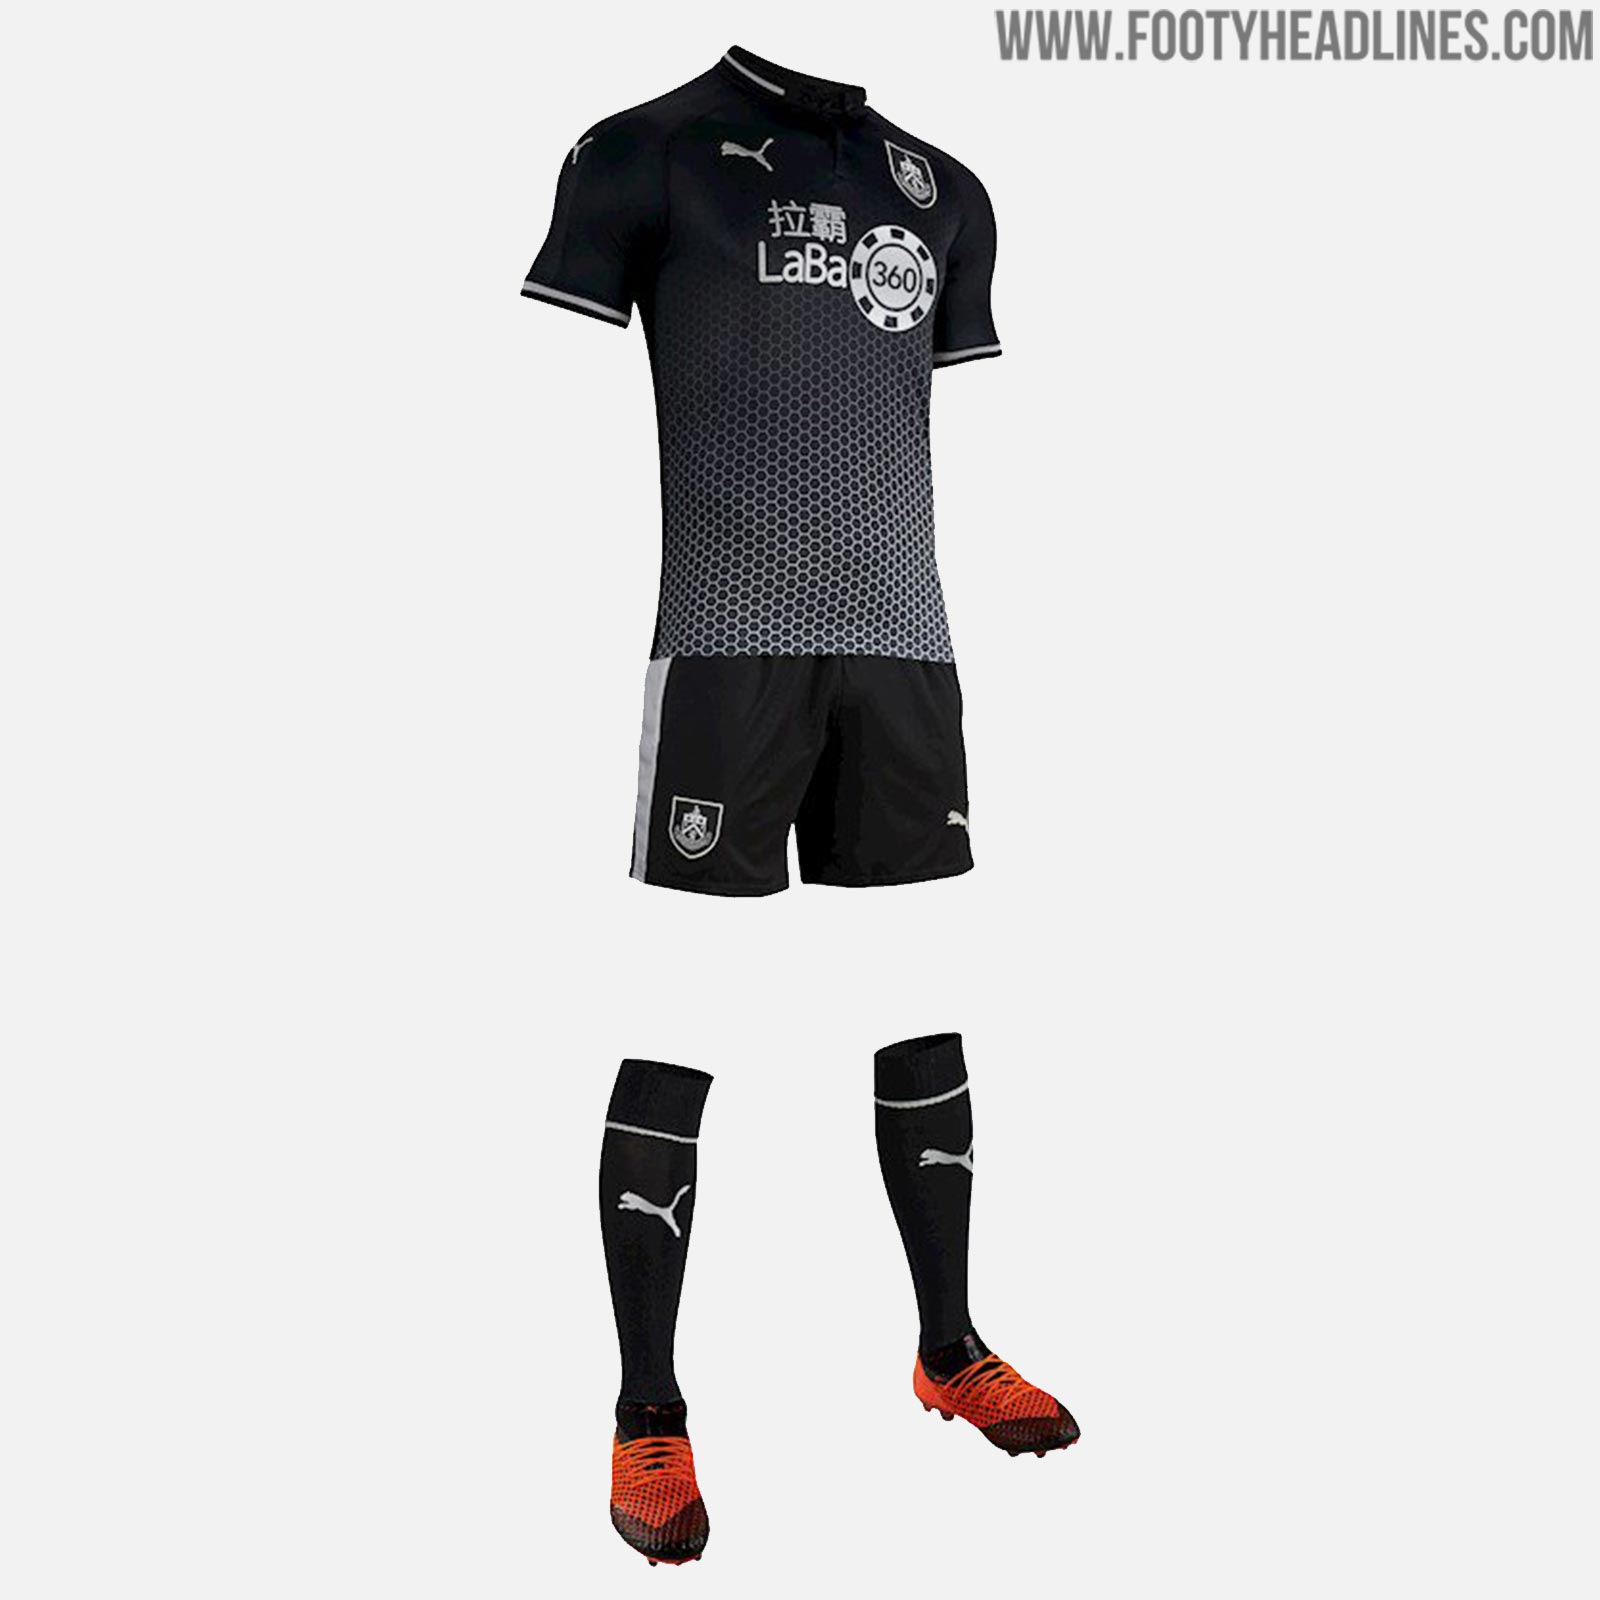 Burnley 18-19 Away Kit Released - Footy Headlines